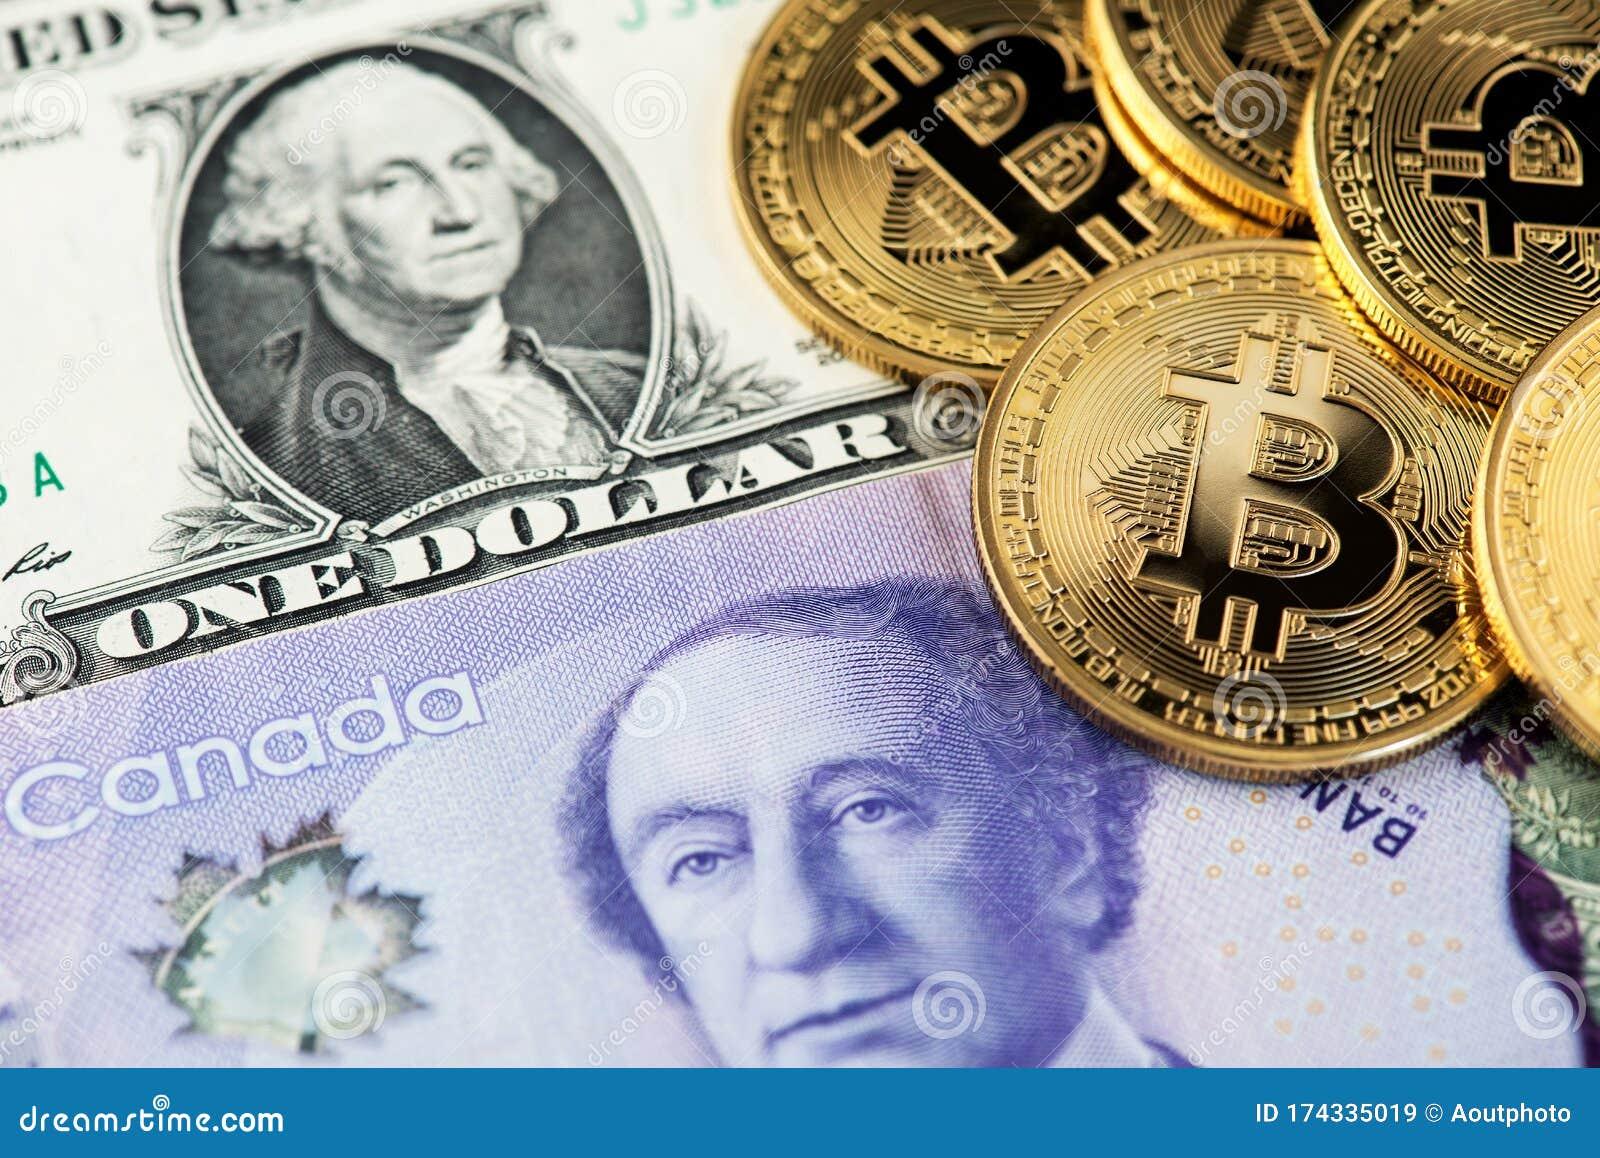 crypto coin canada